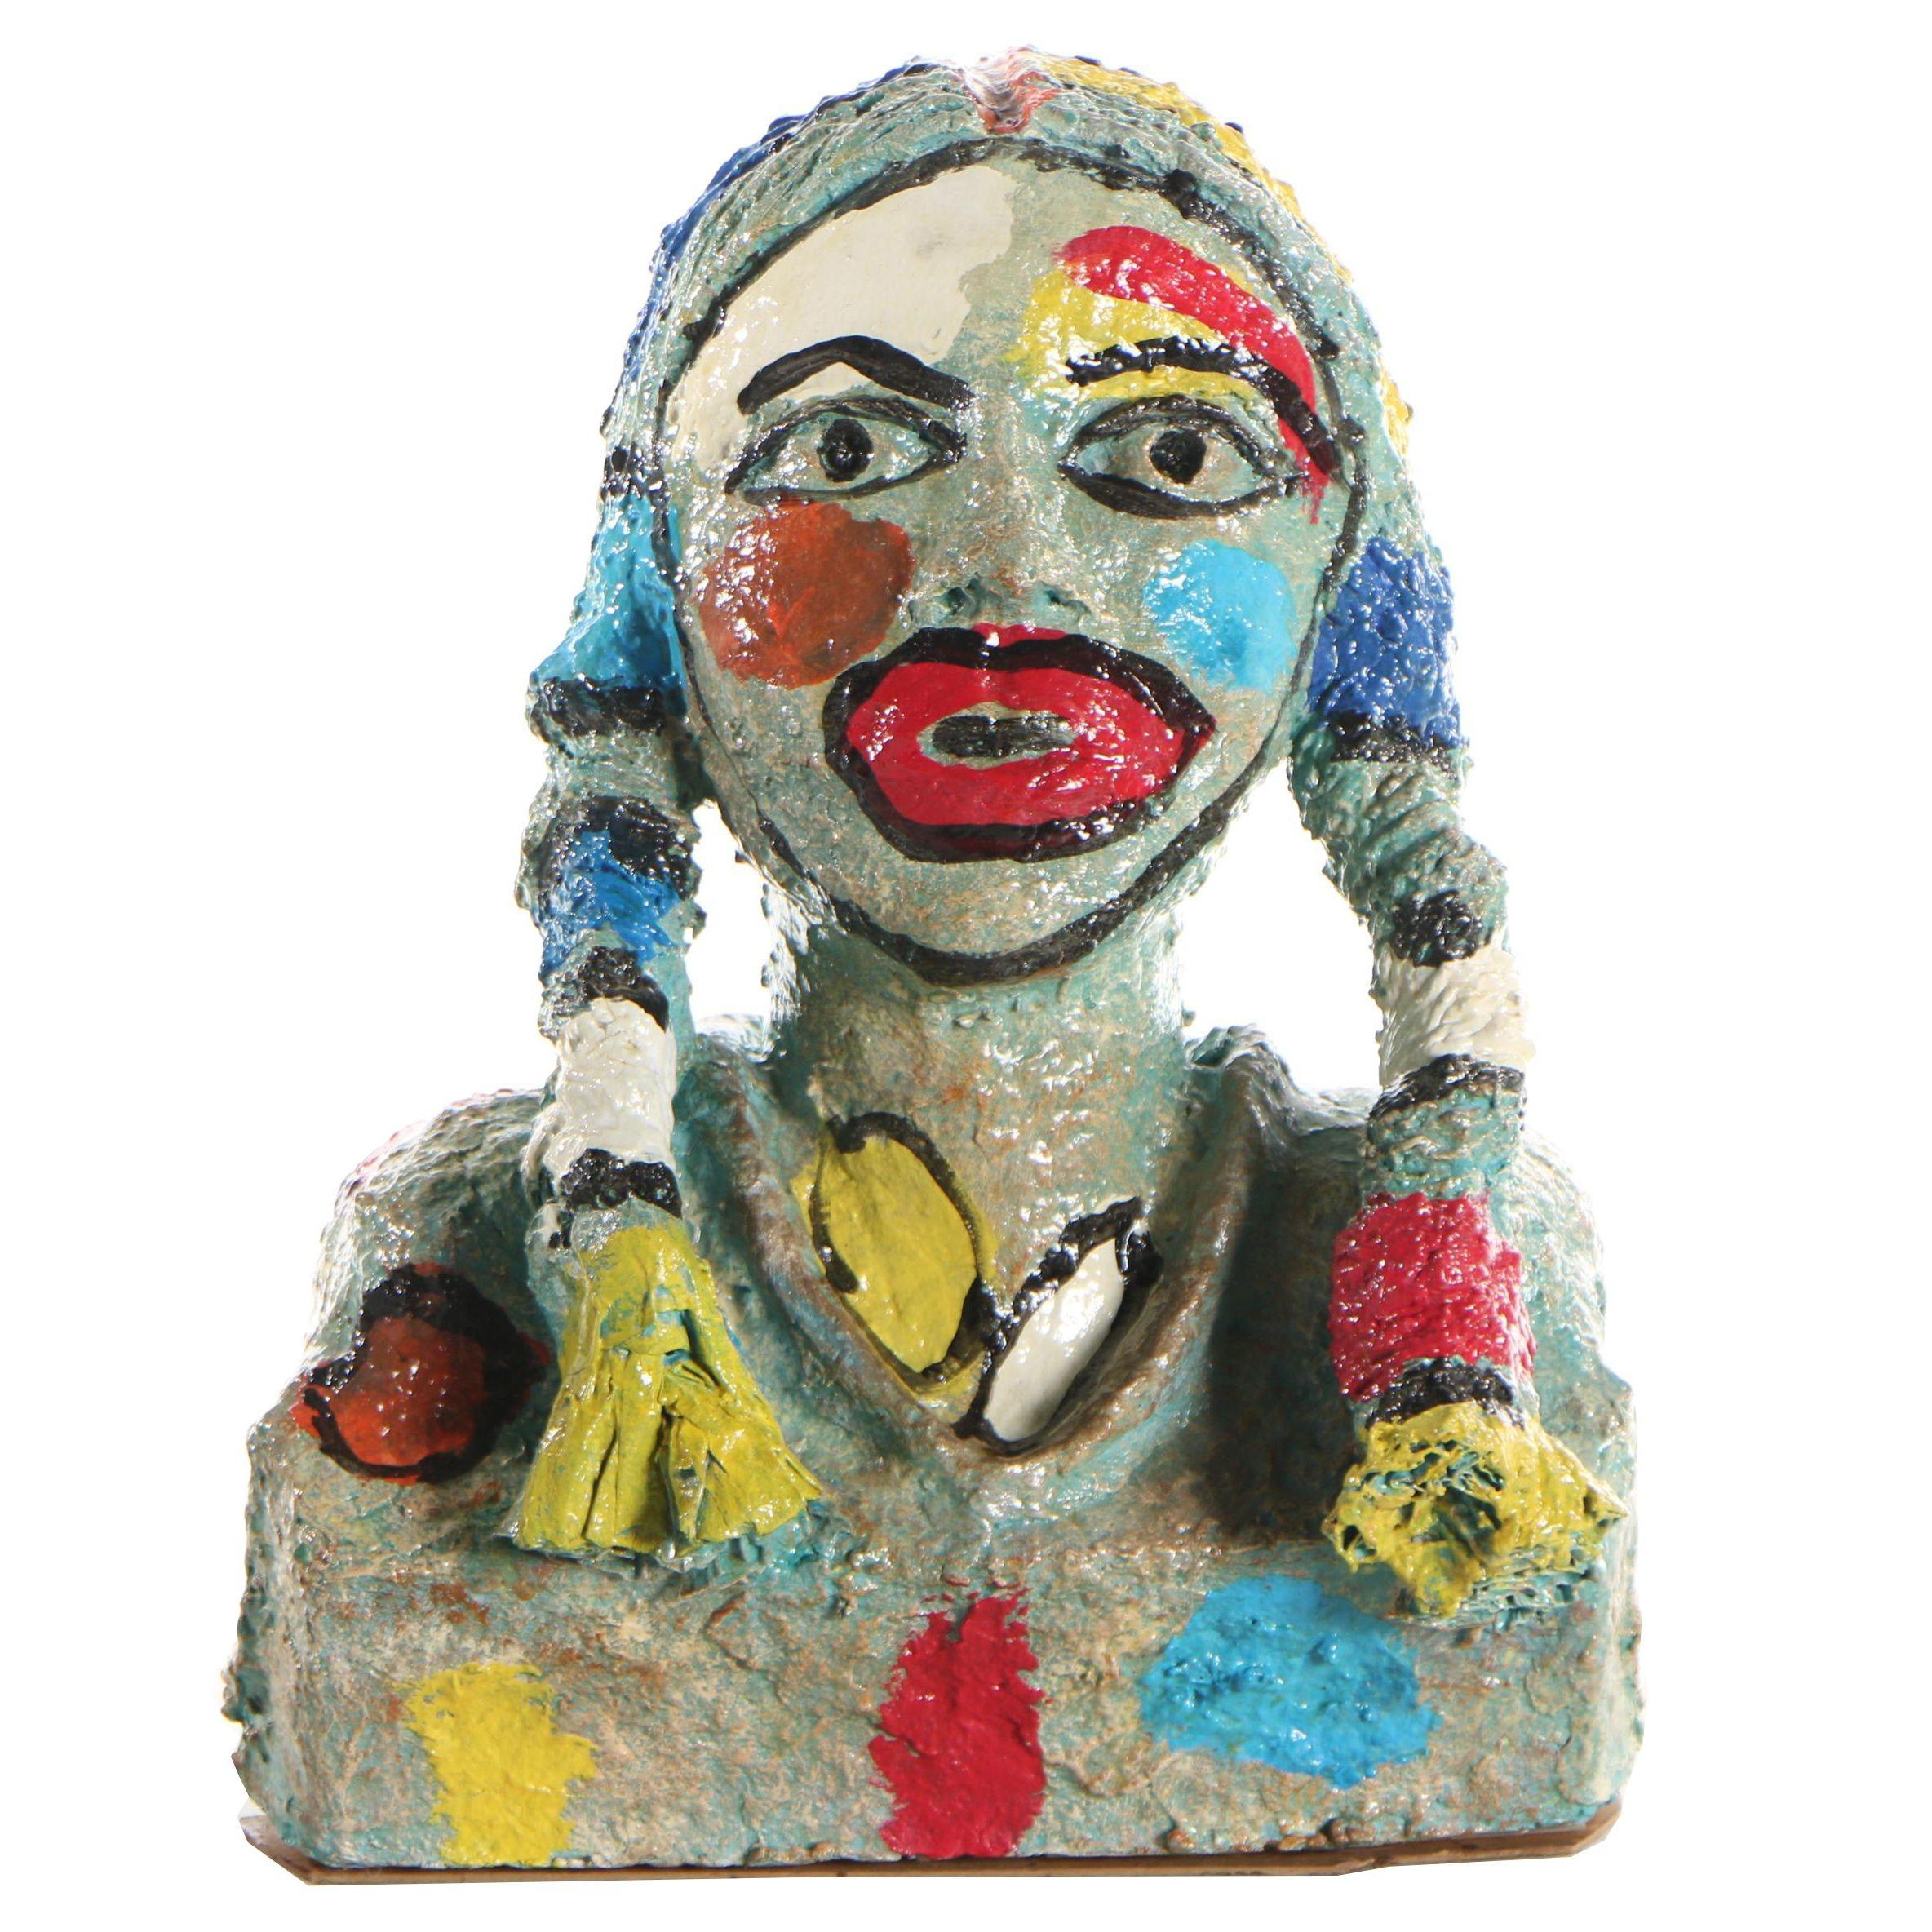 Peter Keil Papier-mâché Sculpture